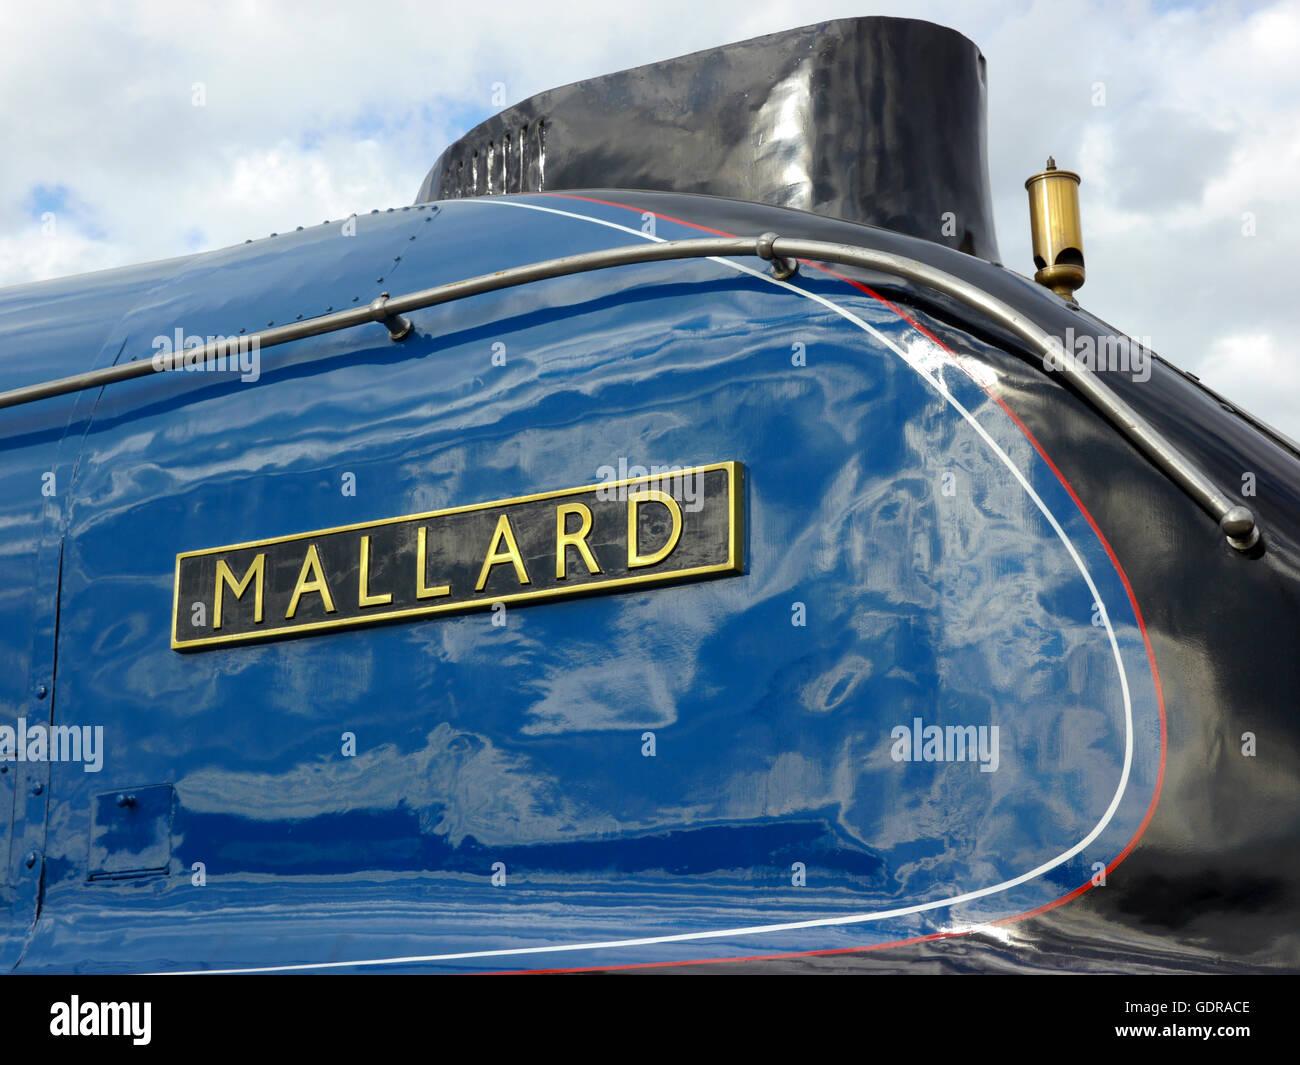 Mallard un A4 classe pacifico locomotiva, titolare del mondo record di velocità per una locomotiva a vapore. Immagini Stock